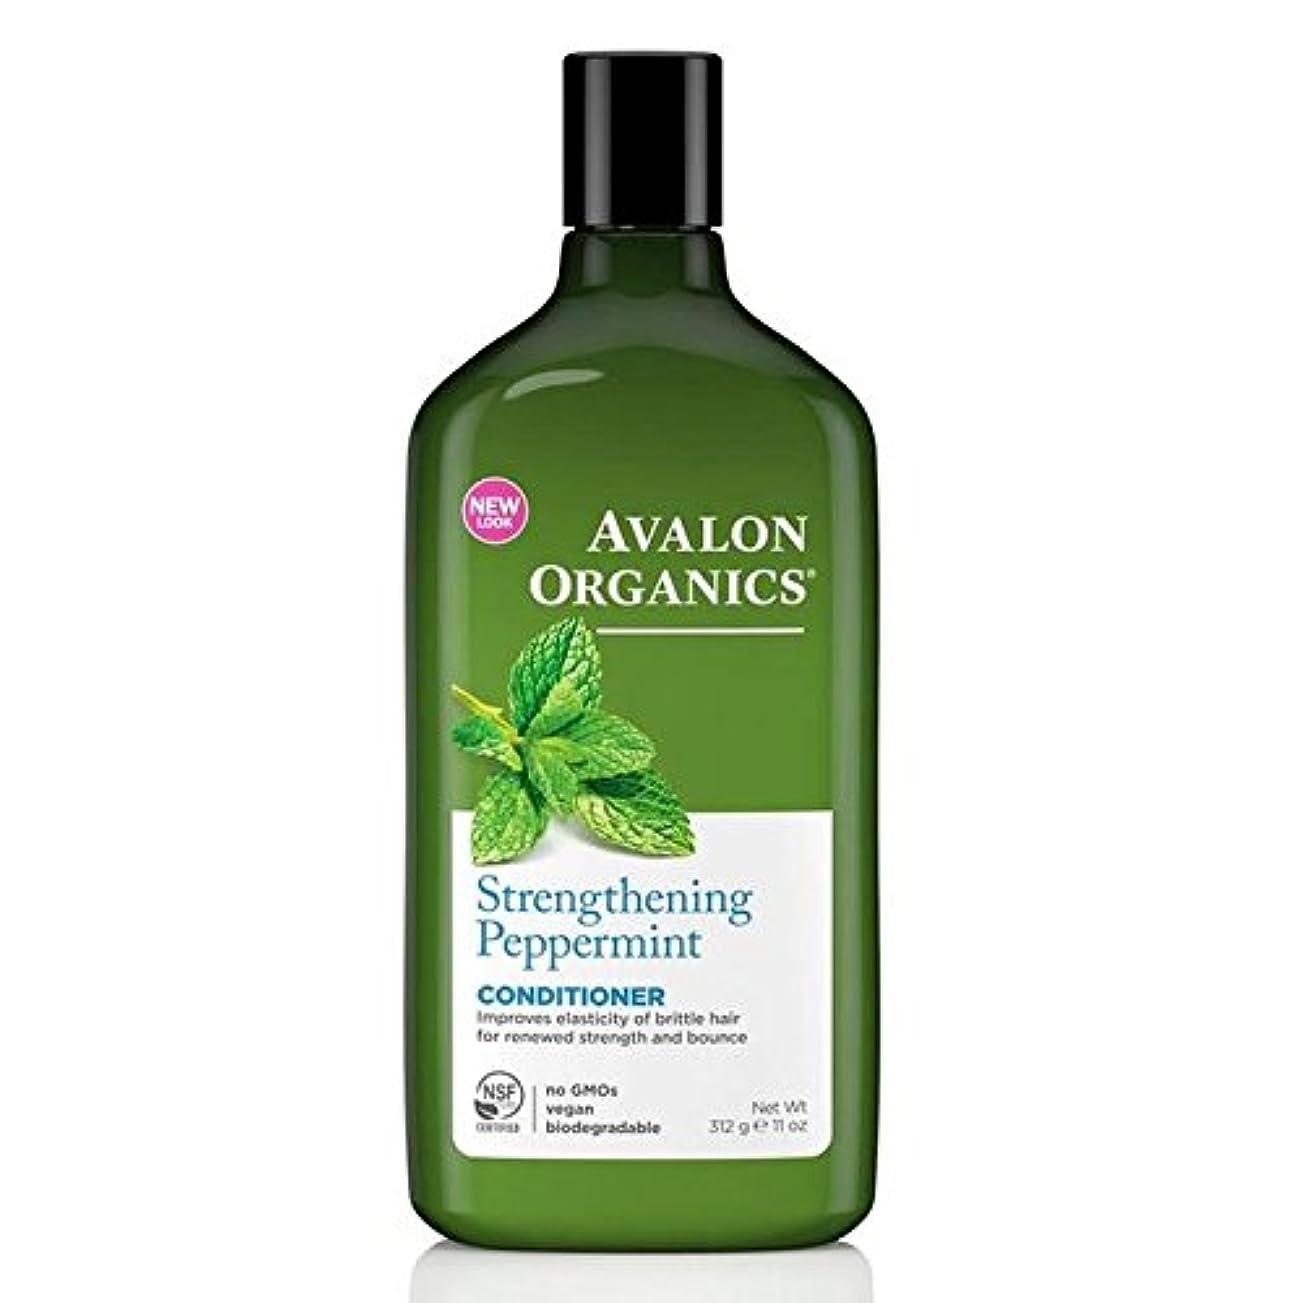 友だちスタウト暗いAvalon Organics Peppermint Conditioner 325ml - (Avalon) ペパーミントコンディショナー325ミリリットル [並行輸入品]